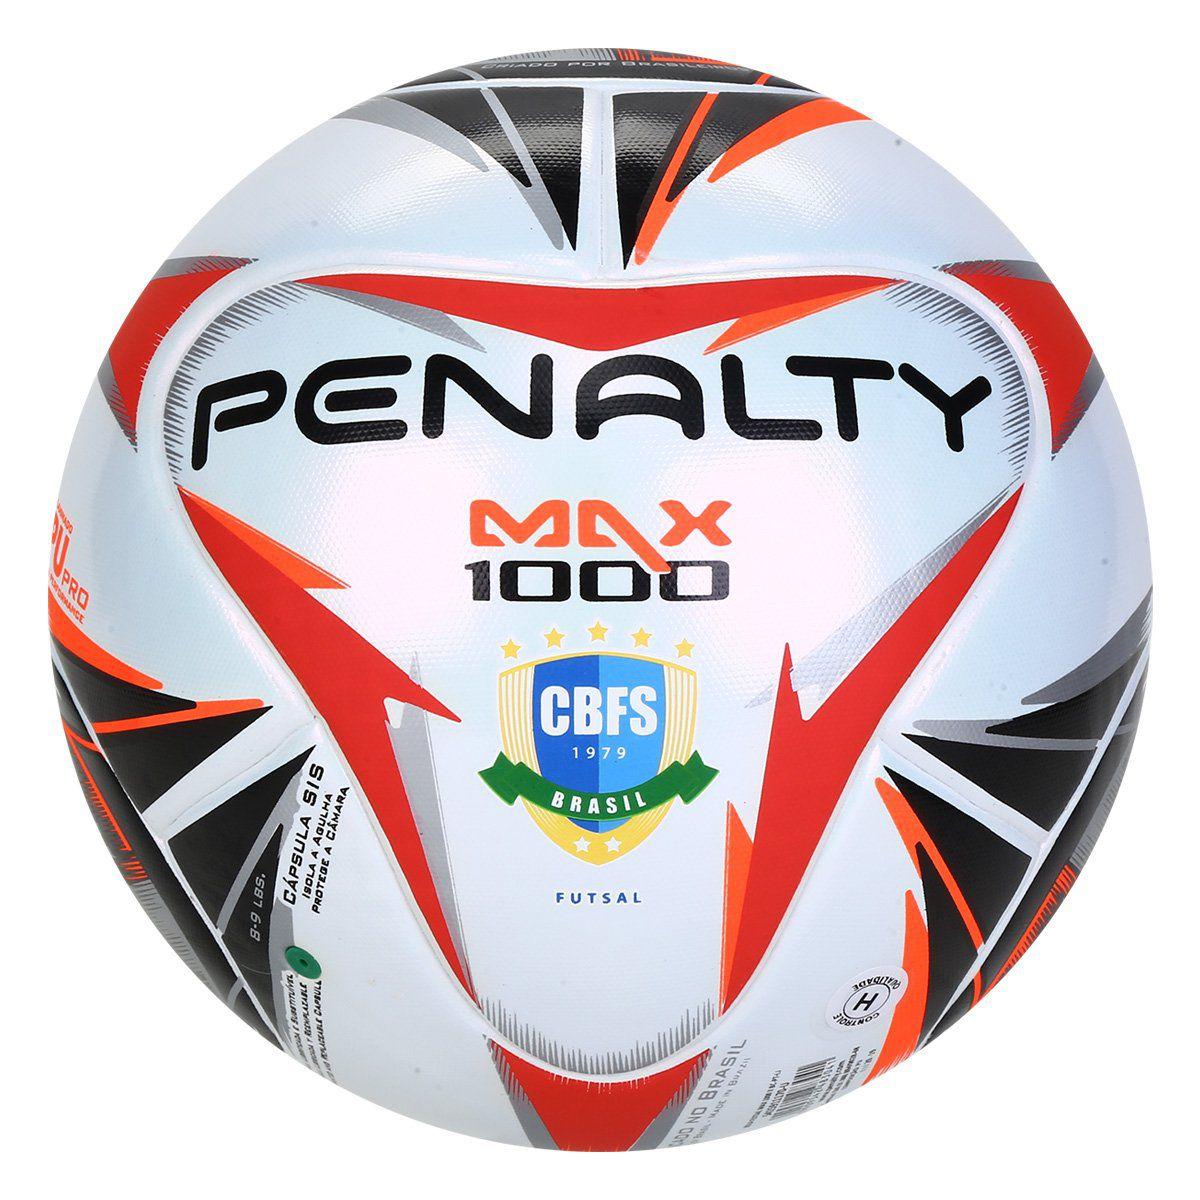 Bola Penalty Max 1000 X CBFS - Branco e Preto